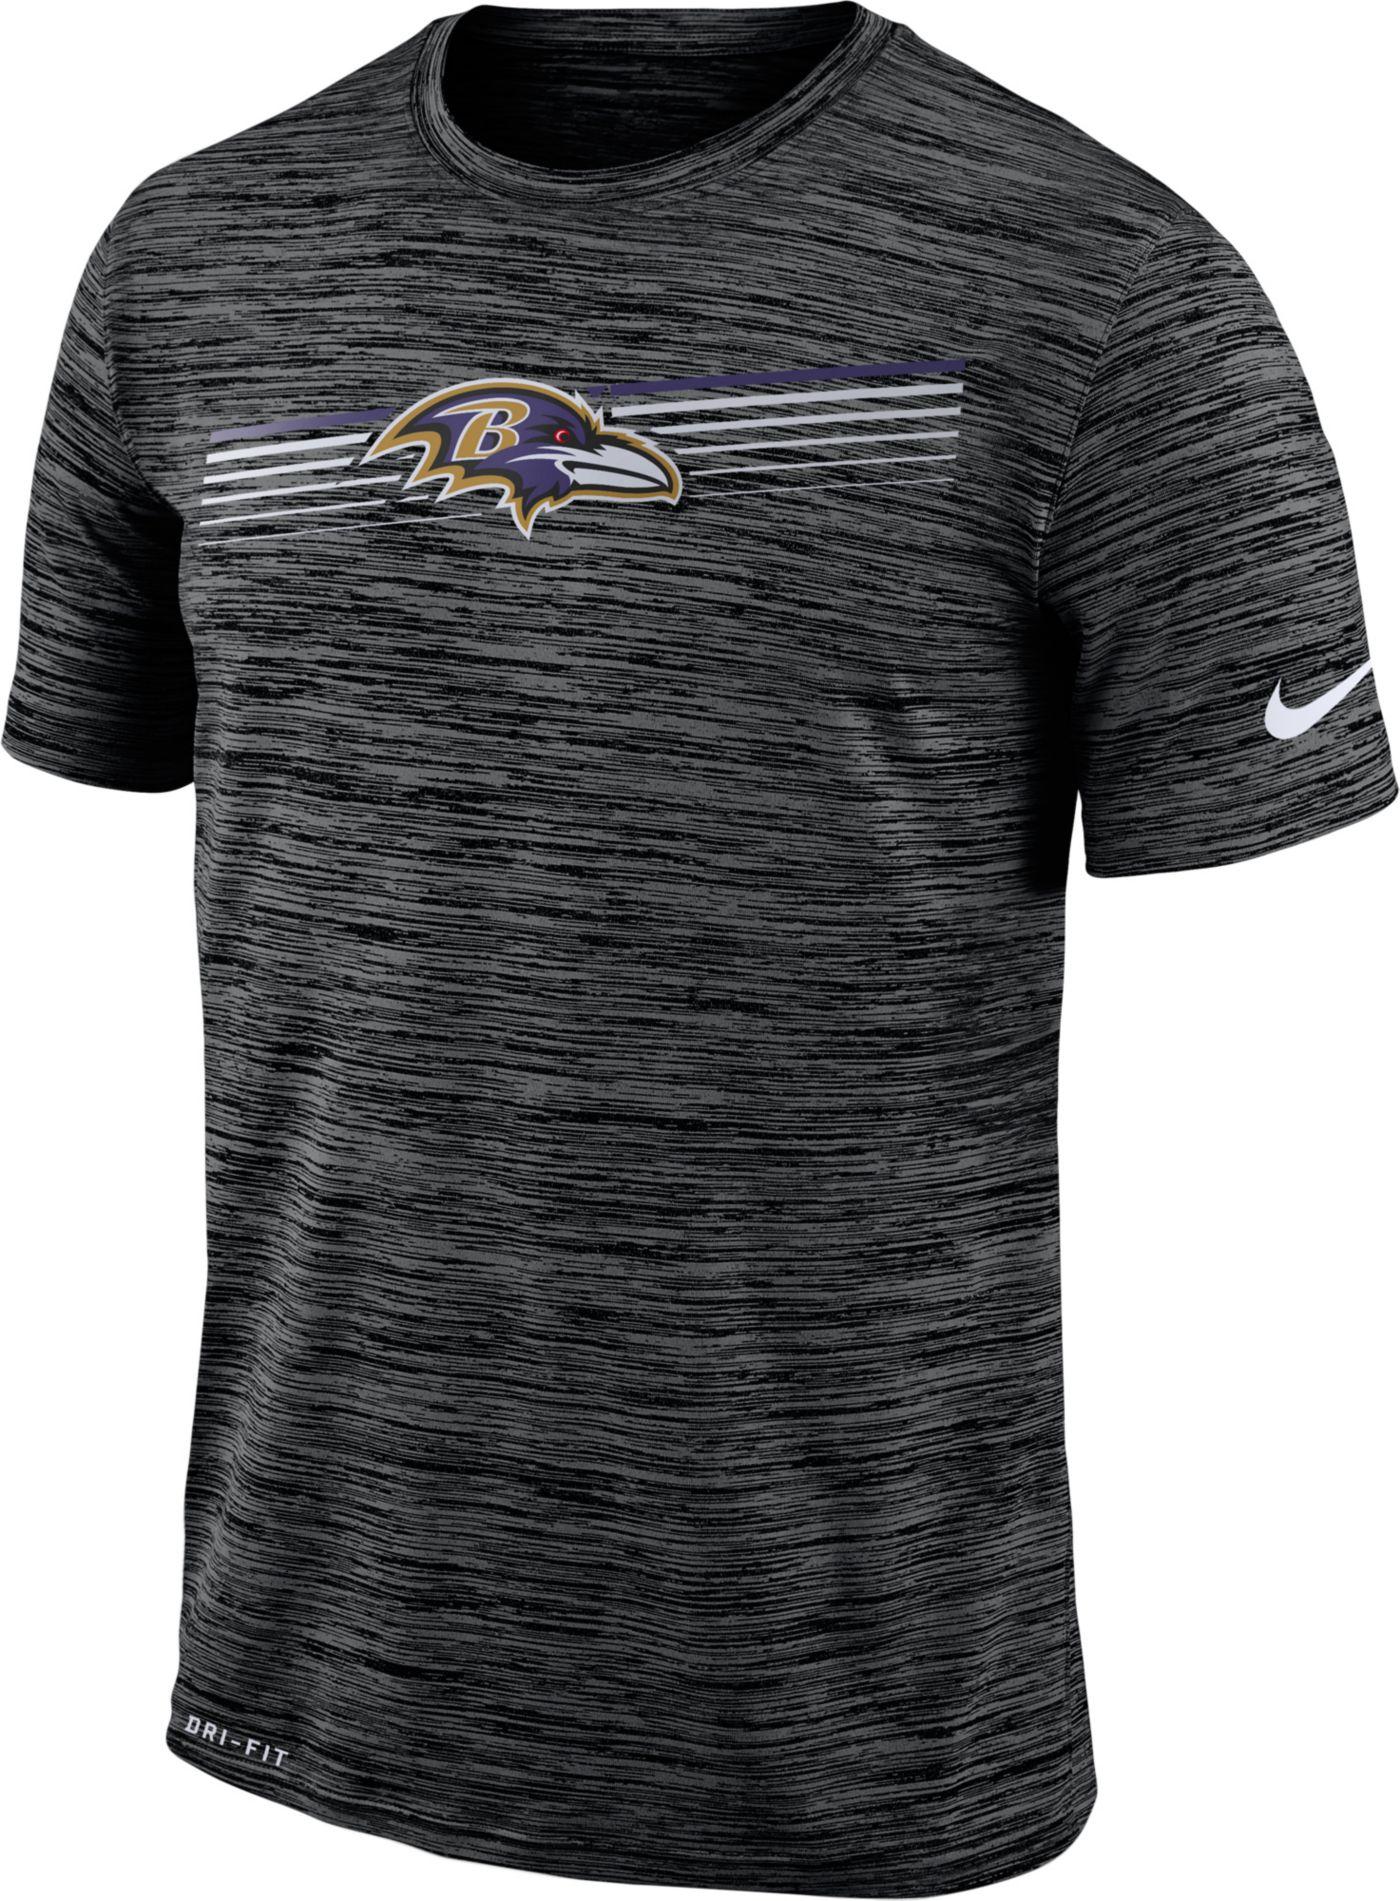 Nike Men's Baltimore Ravens Sideline Legend Velocity Black T-Shirt